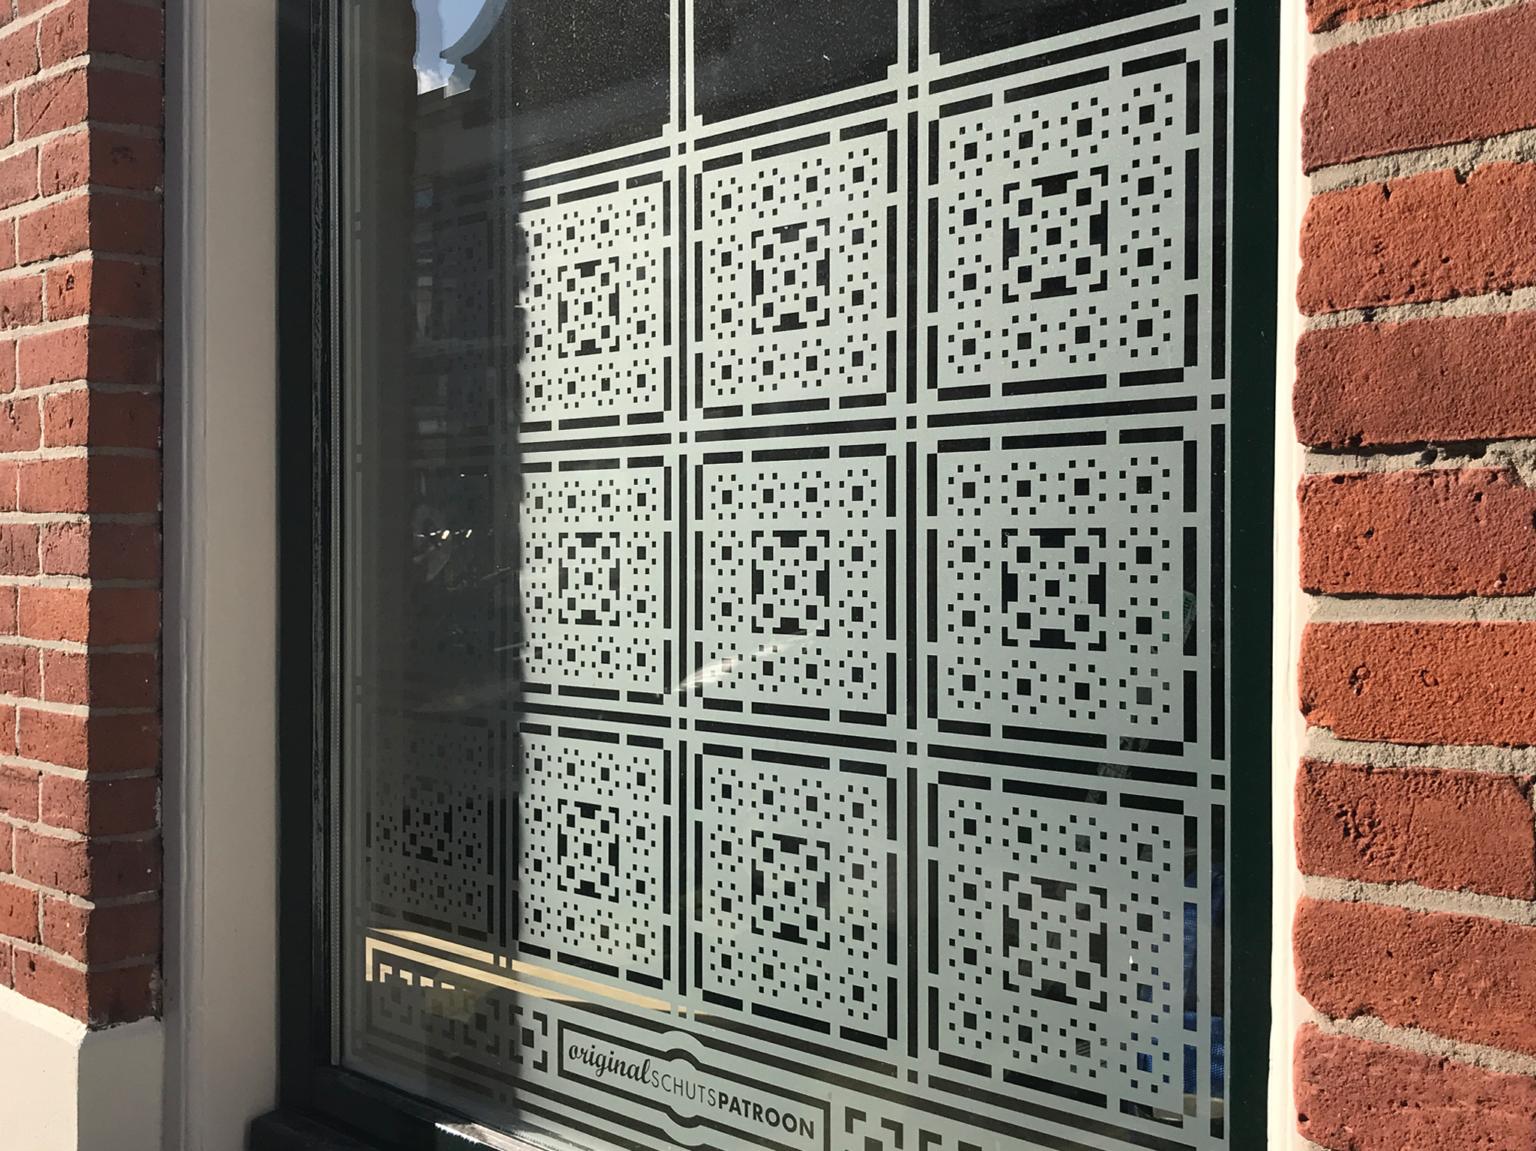 Detail van op maat ontworpen raamfolie patroon / schutspatroon voor woonkamer van buiten gezien